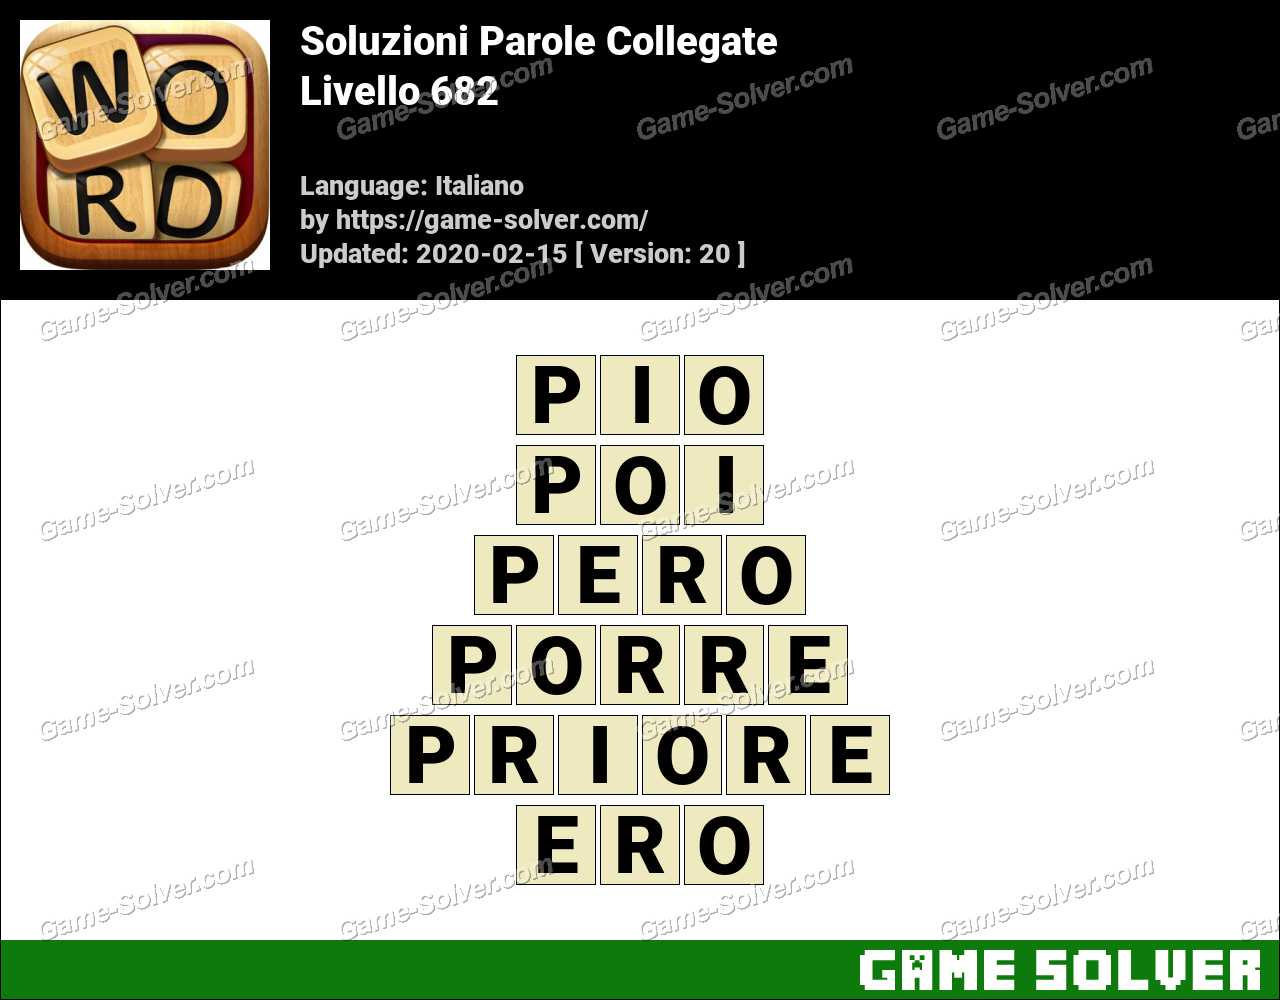 Soluzioni Parole Collegate Livello 682